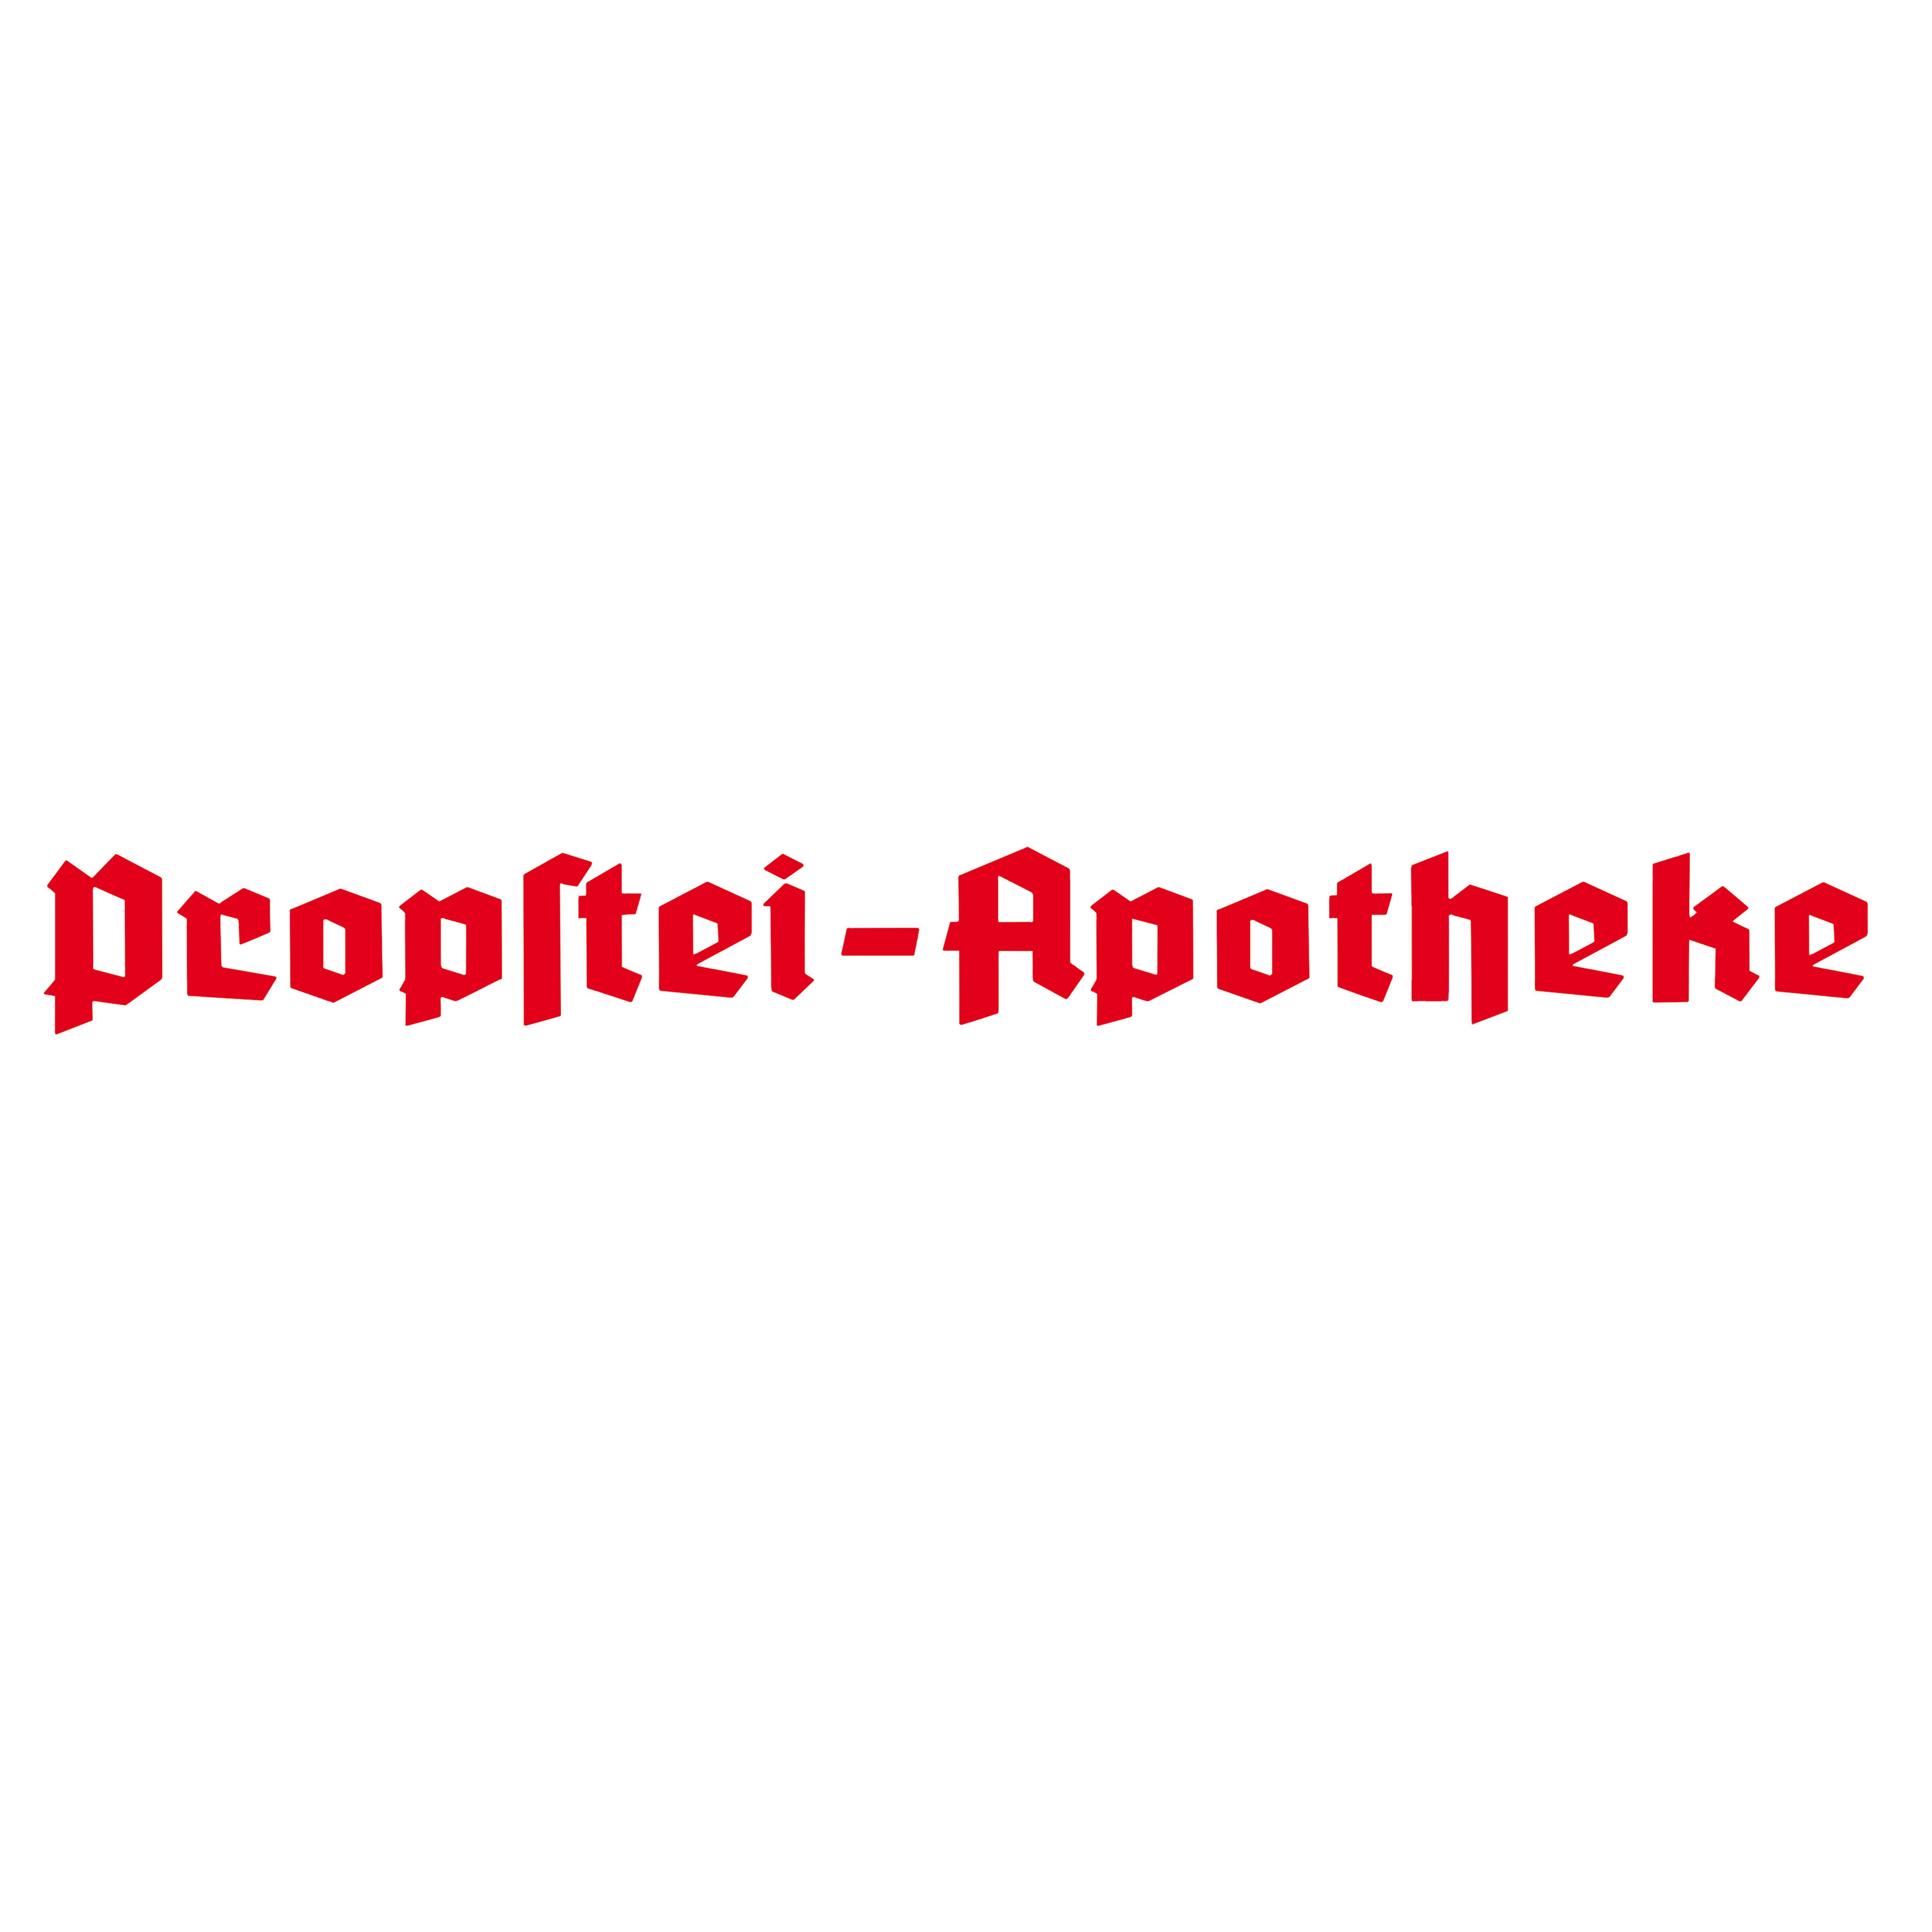 Logo der Propstei-Apotheke